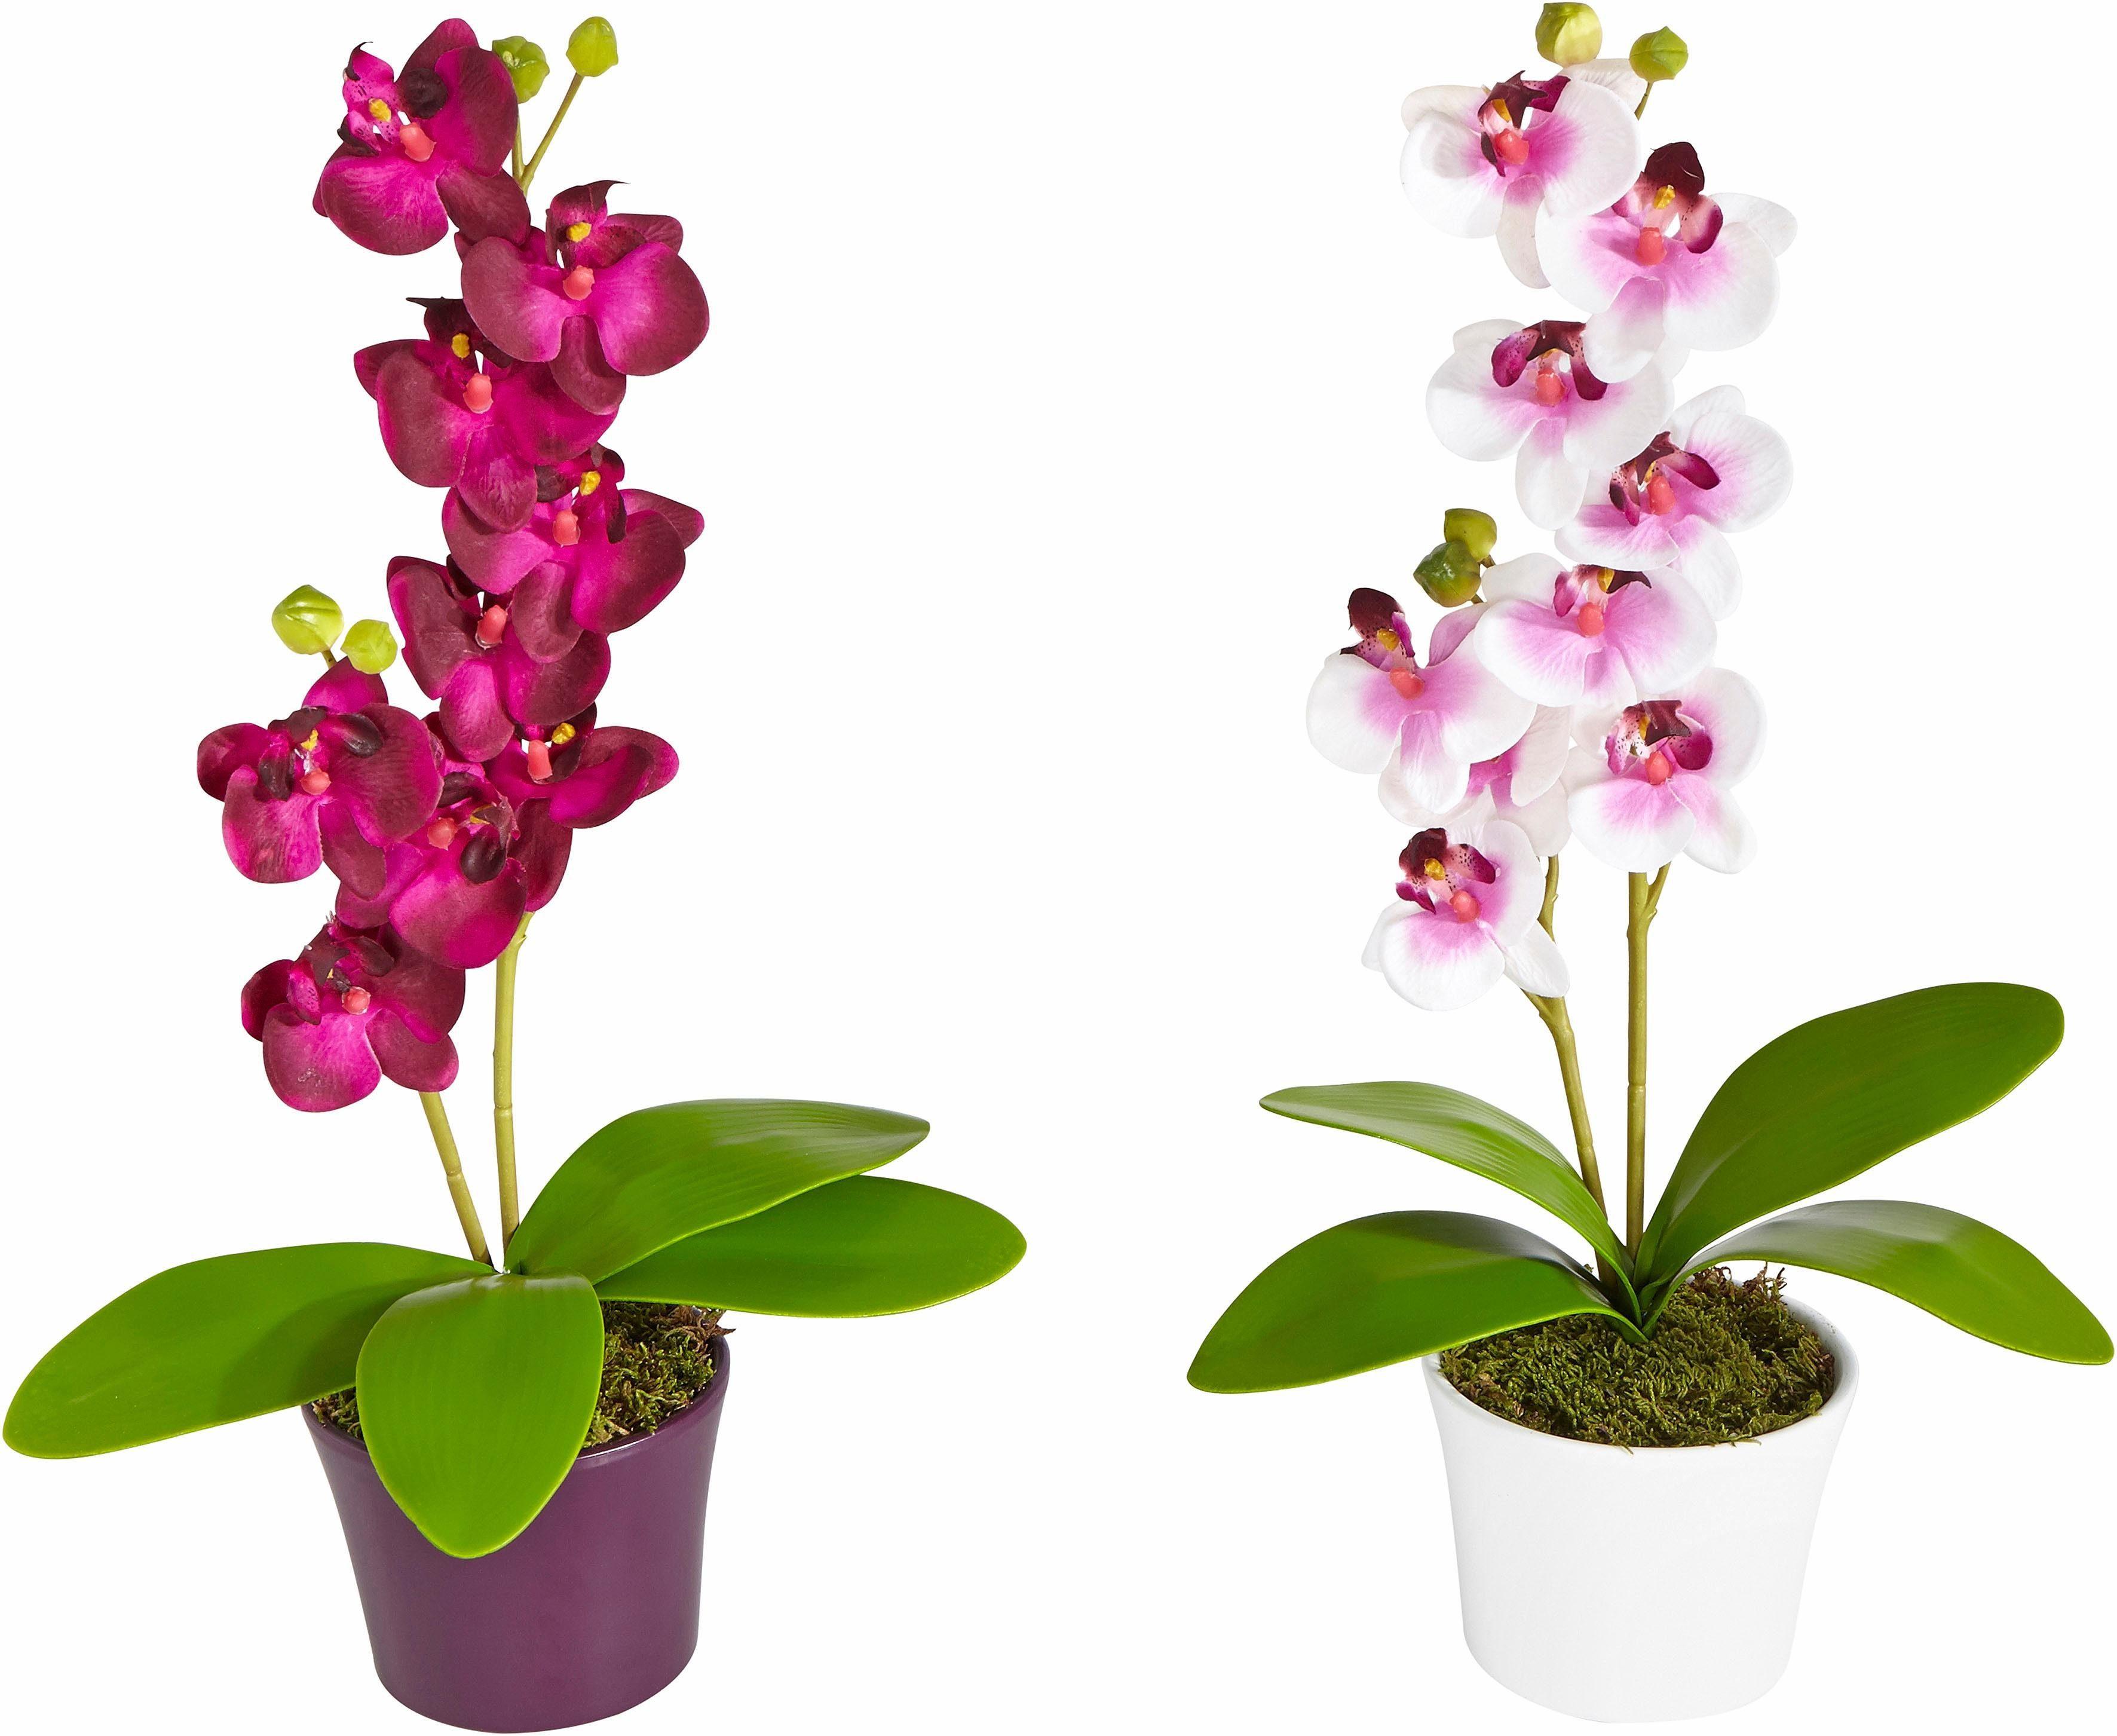 Home affaire Kunstblume »Orchidee« (2tlg.)